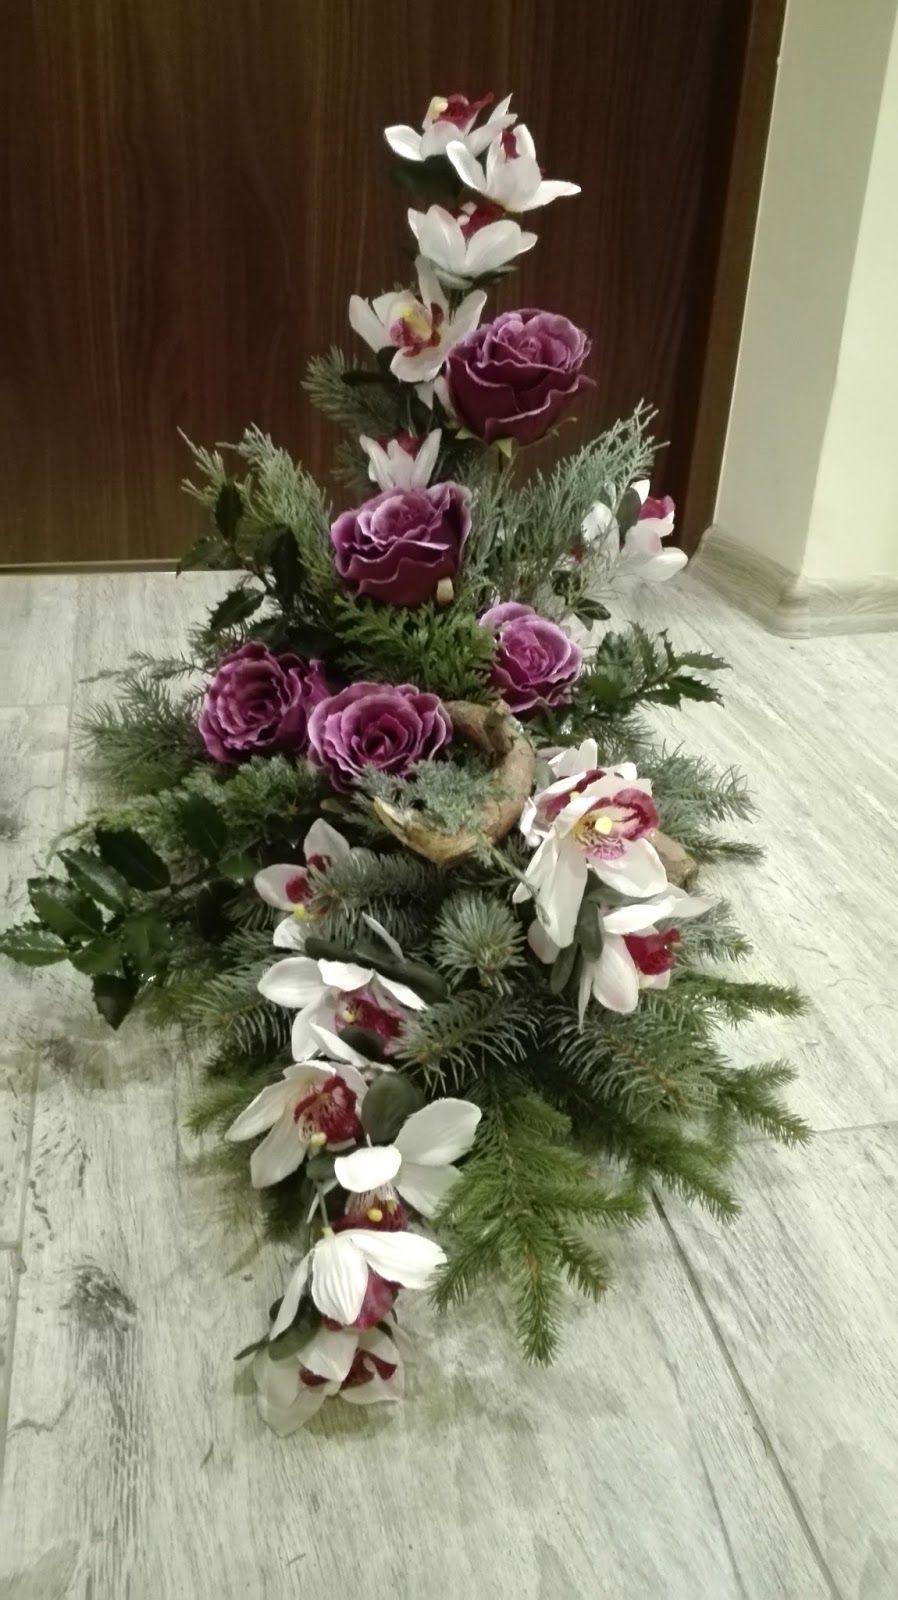 W Czarodziejskim Ogrodzie Kompozycje Nagrobne Na Wszystkich Swietych Creative Flower Arrangements Church Flower Arrangements Flower Arrangements